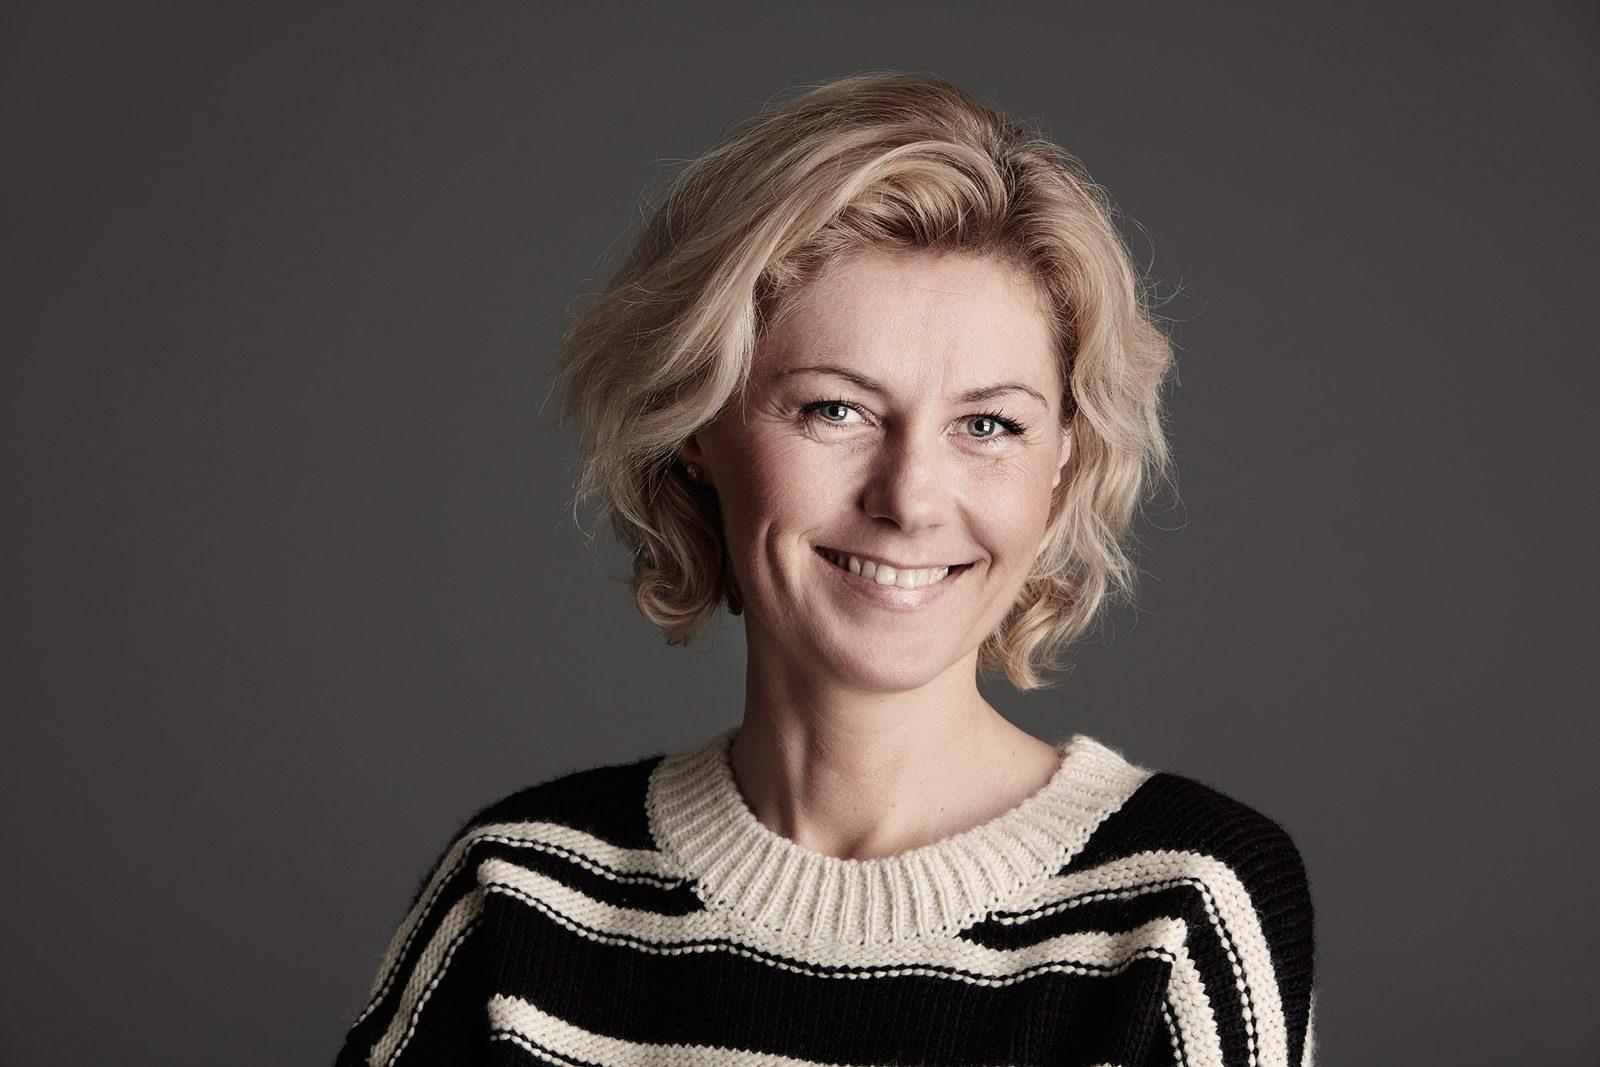 Psychologist Florence Noer